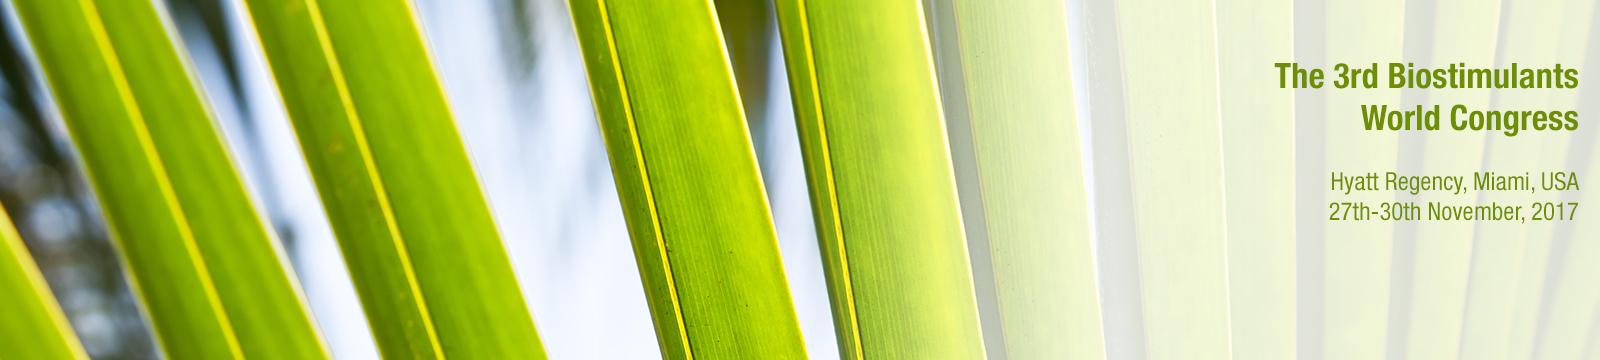 Tradecorp patrocina el 3er Congreso Mundial sobre el Uso de Bioestimulantes en Agricultura